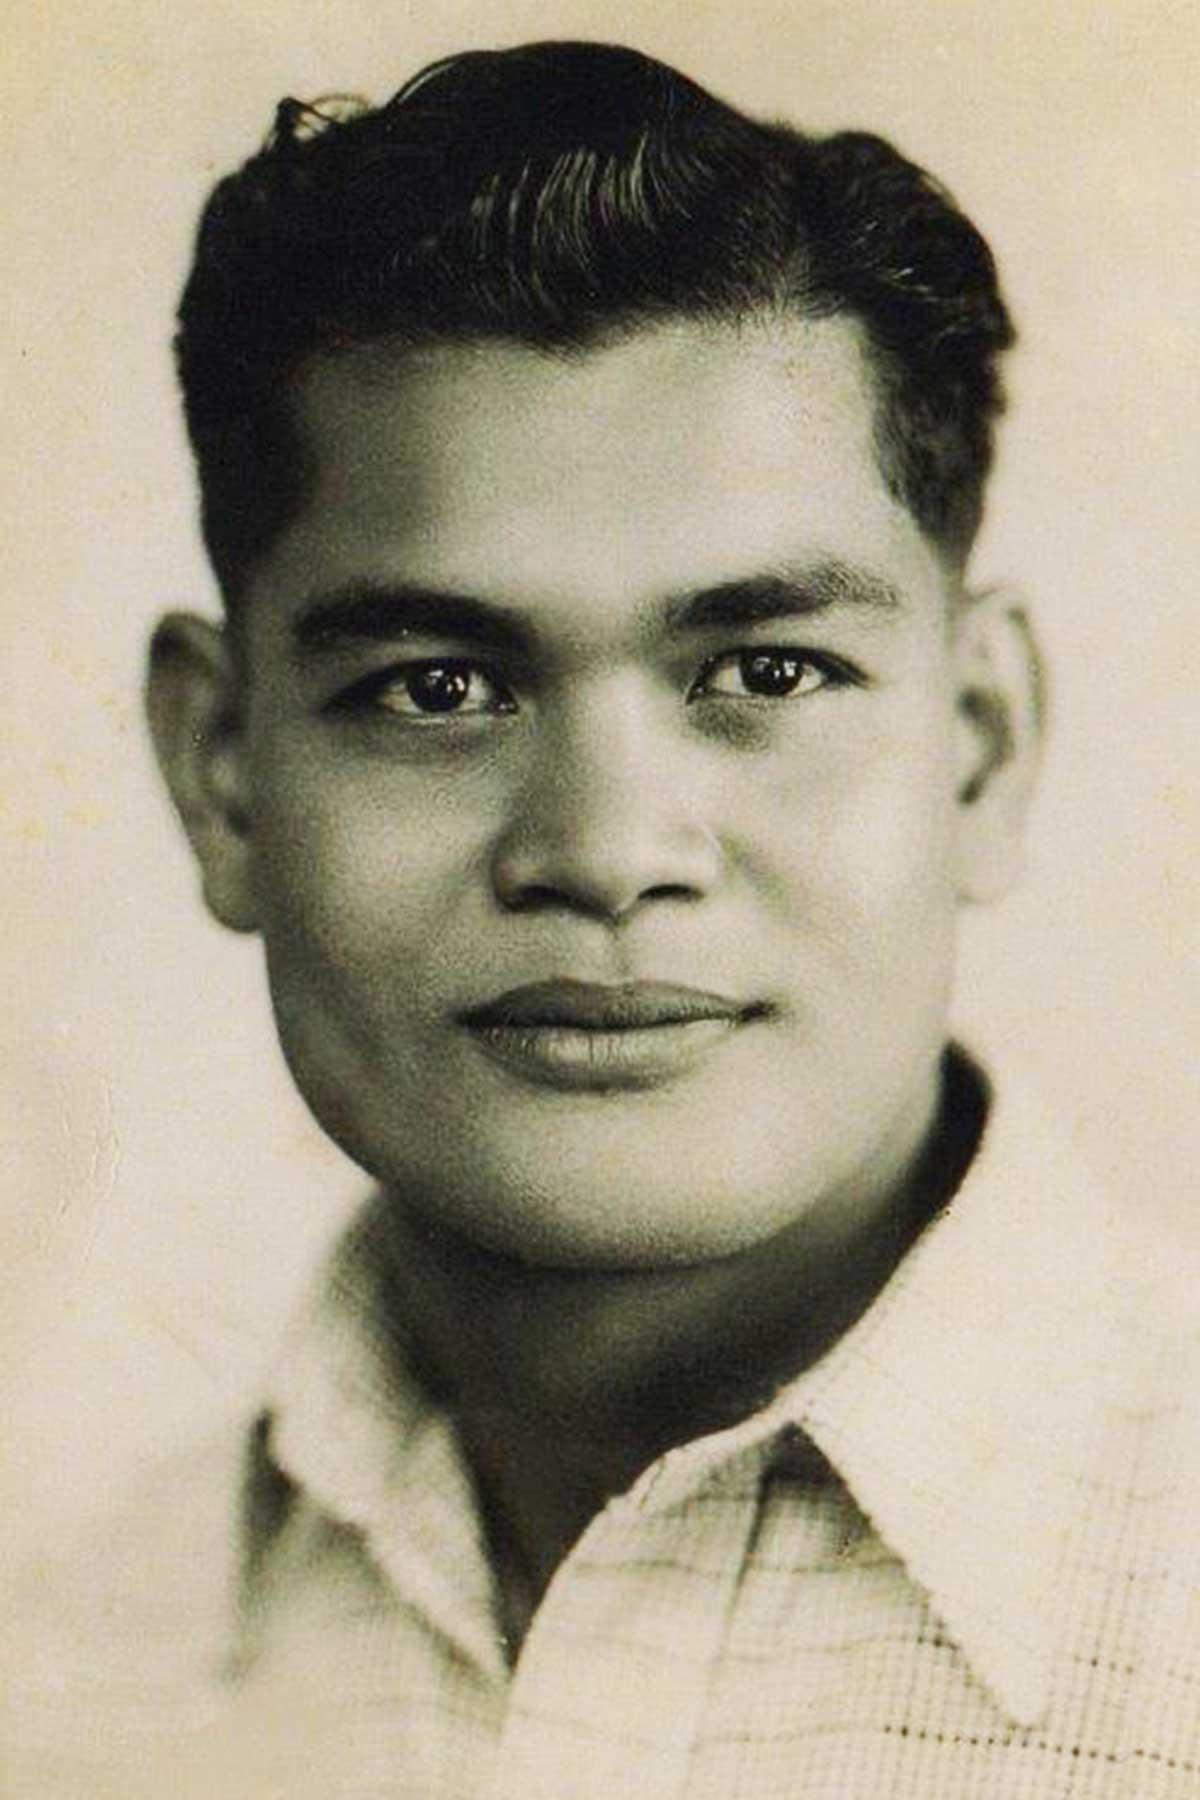 Portrait of April's father, Austin.